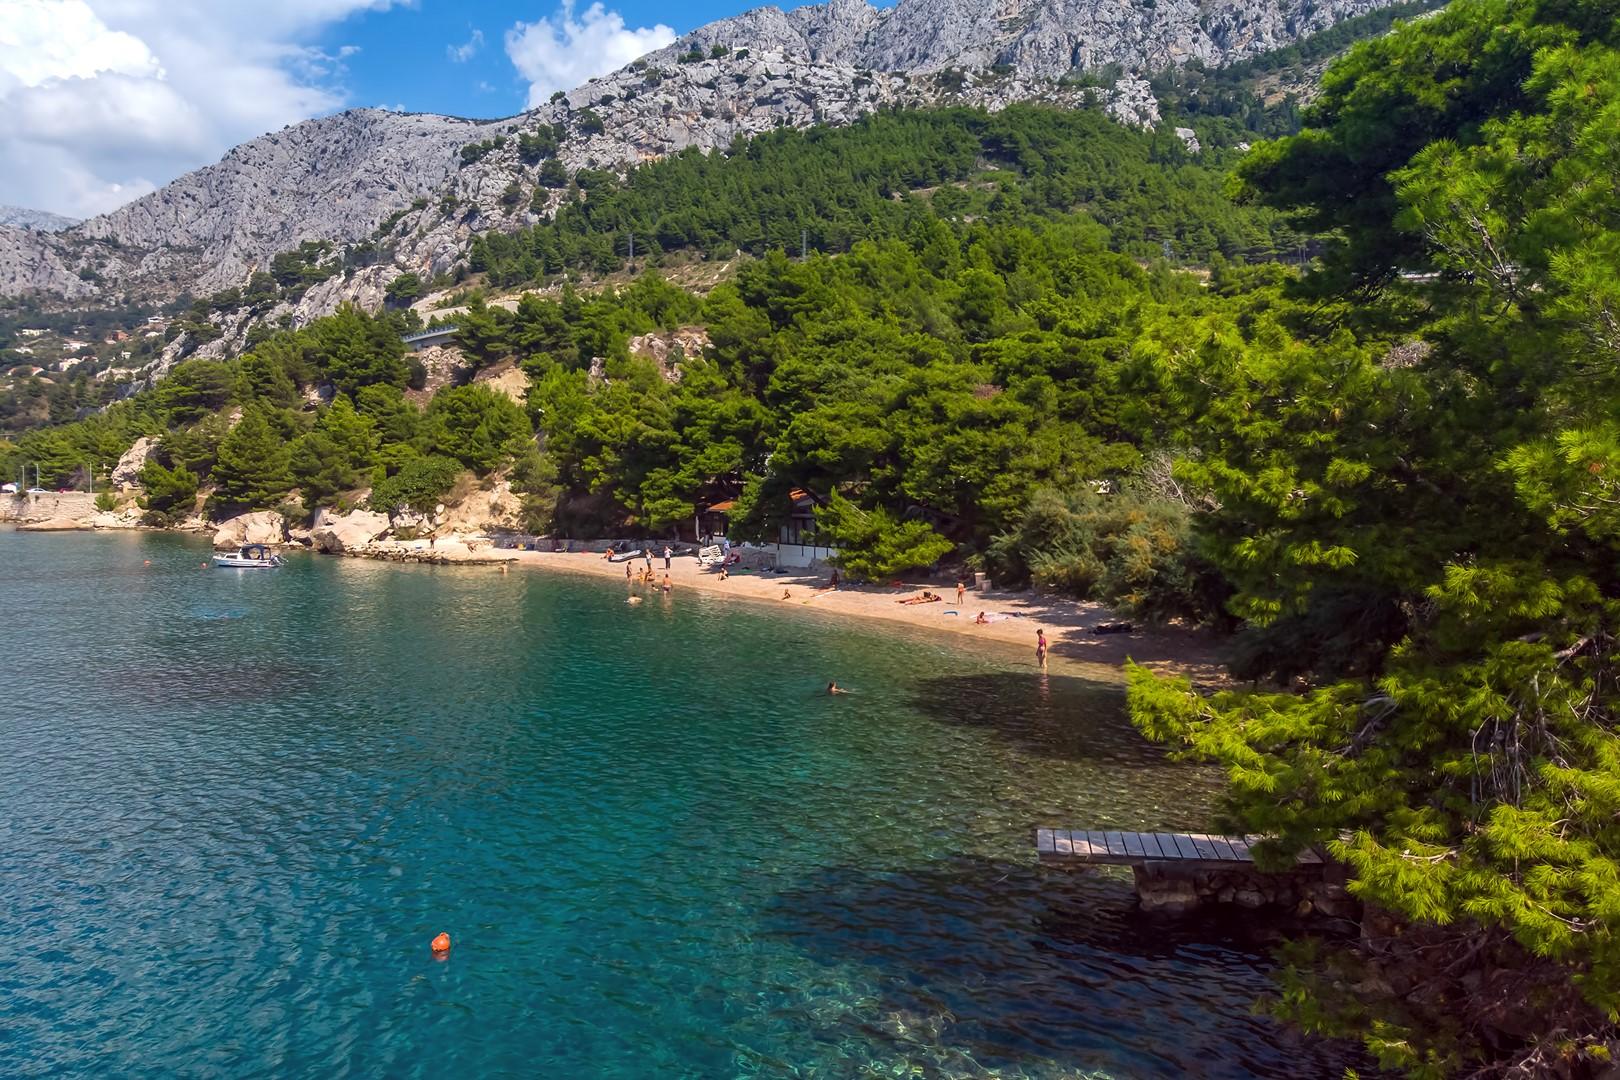 Ferienhaus Privater Pool 3,5 x 8,6 m, überdachter Essbereich im Freien, kostenloses WLAN, voll - klim (2663850), Kostanje, , Dalmatien, Kroatien, Bild 34